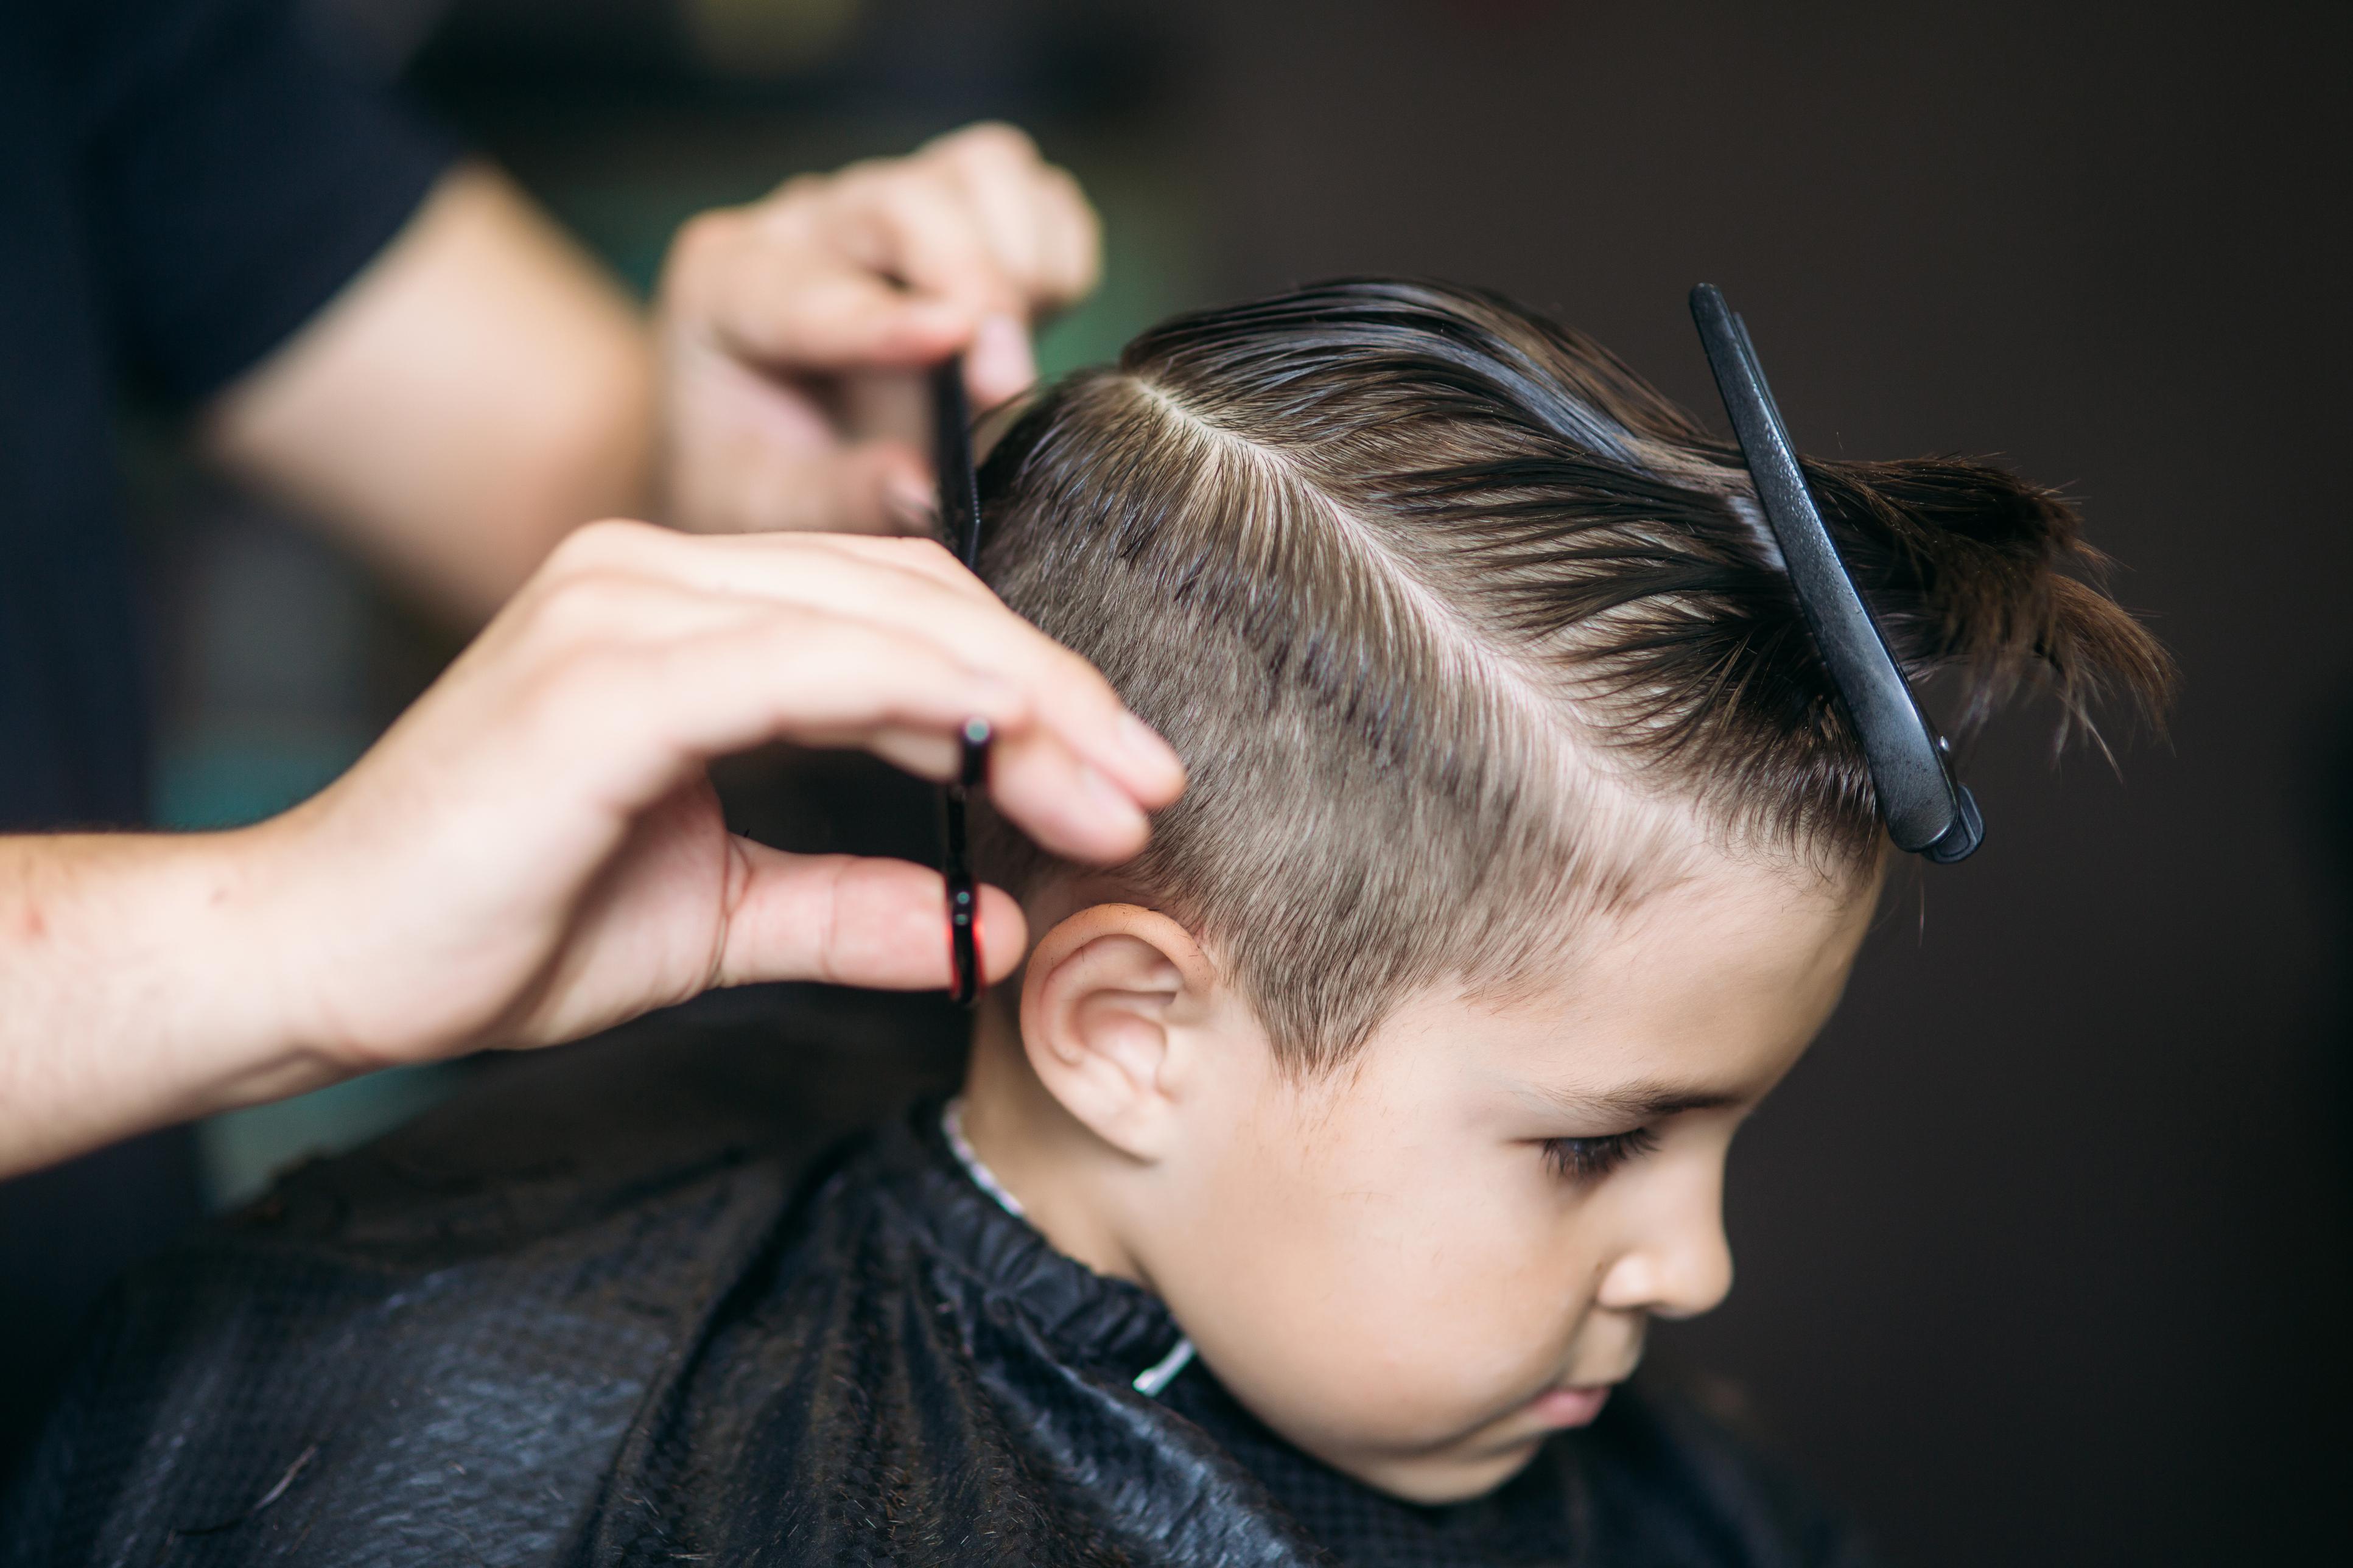 Стрижки для хлопчиків 2 років: як підібрати оптимальний варіант дитині